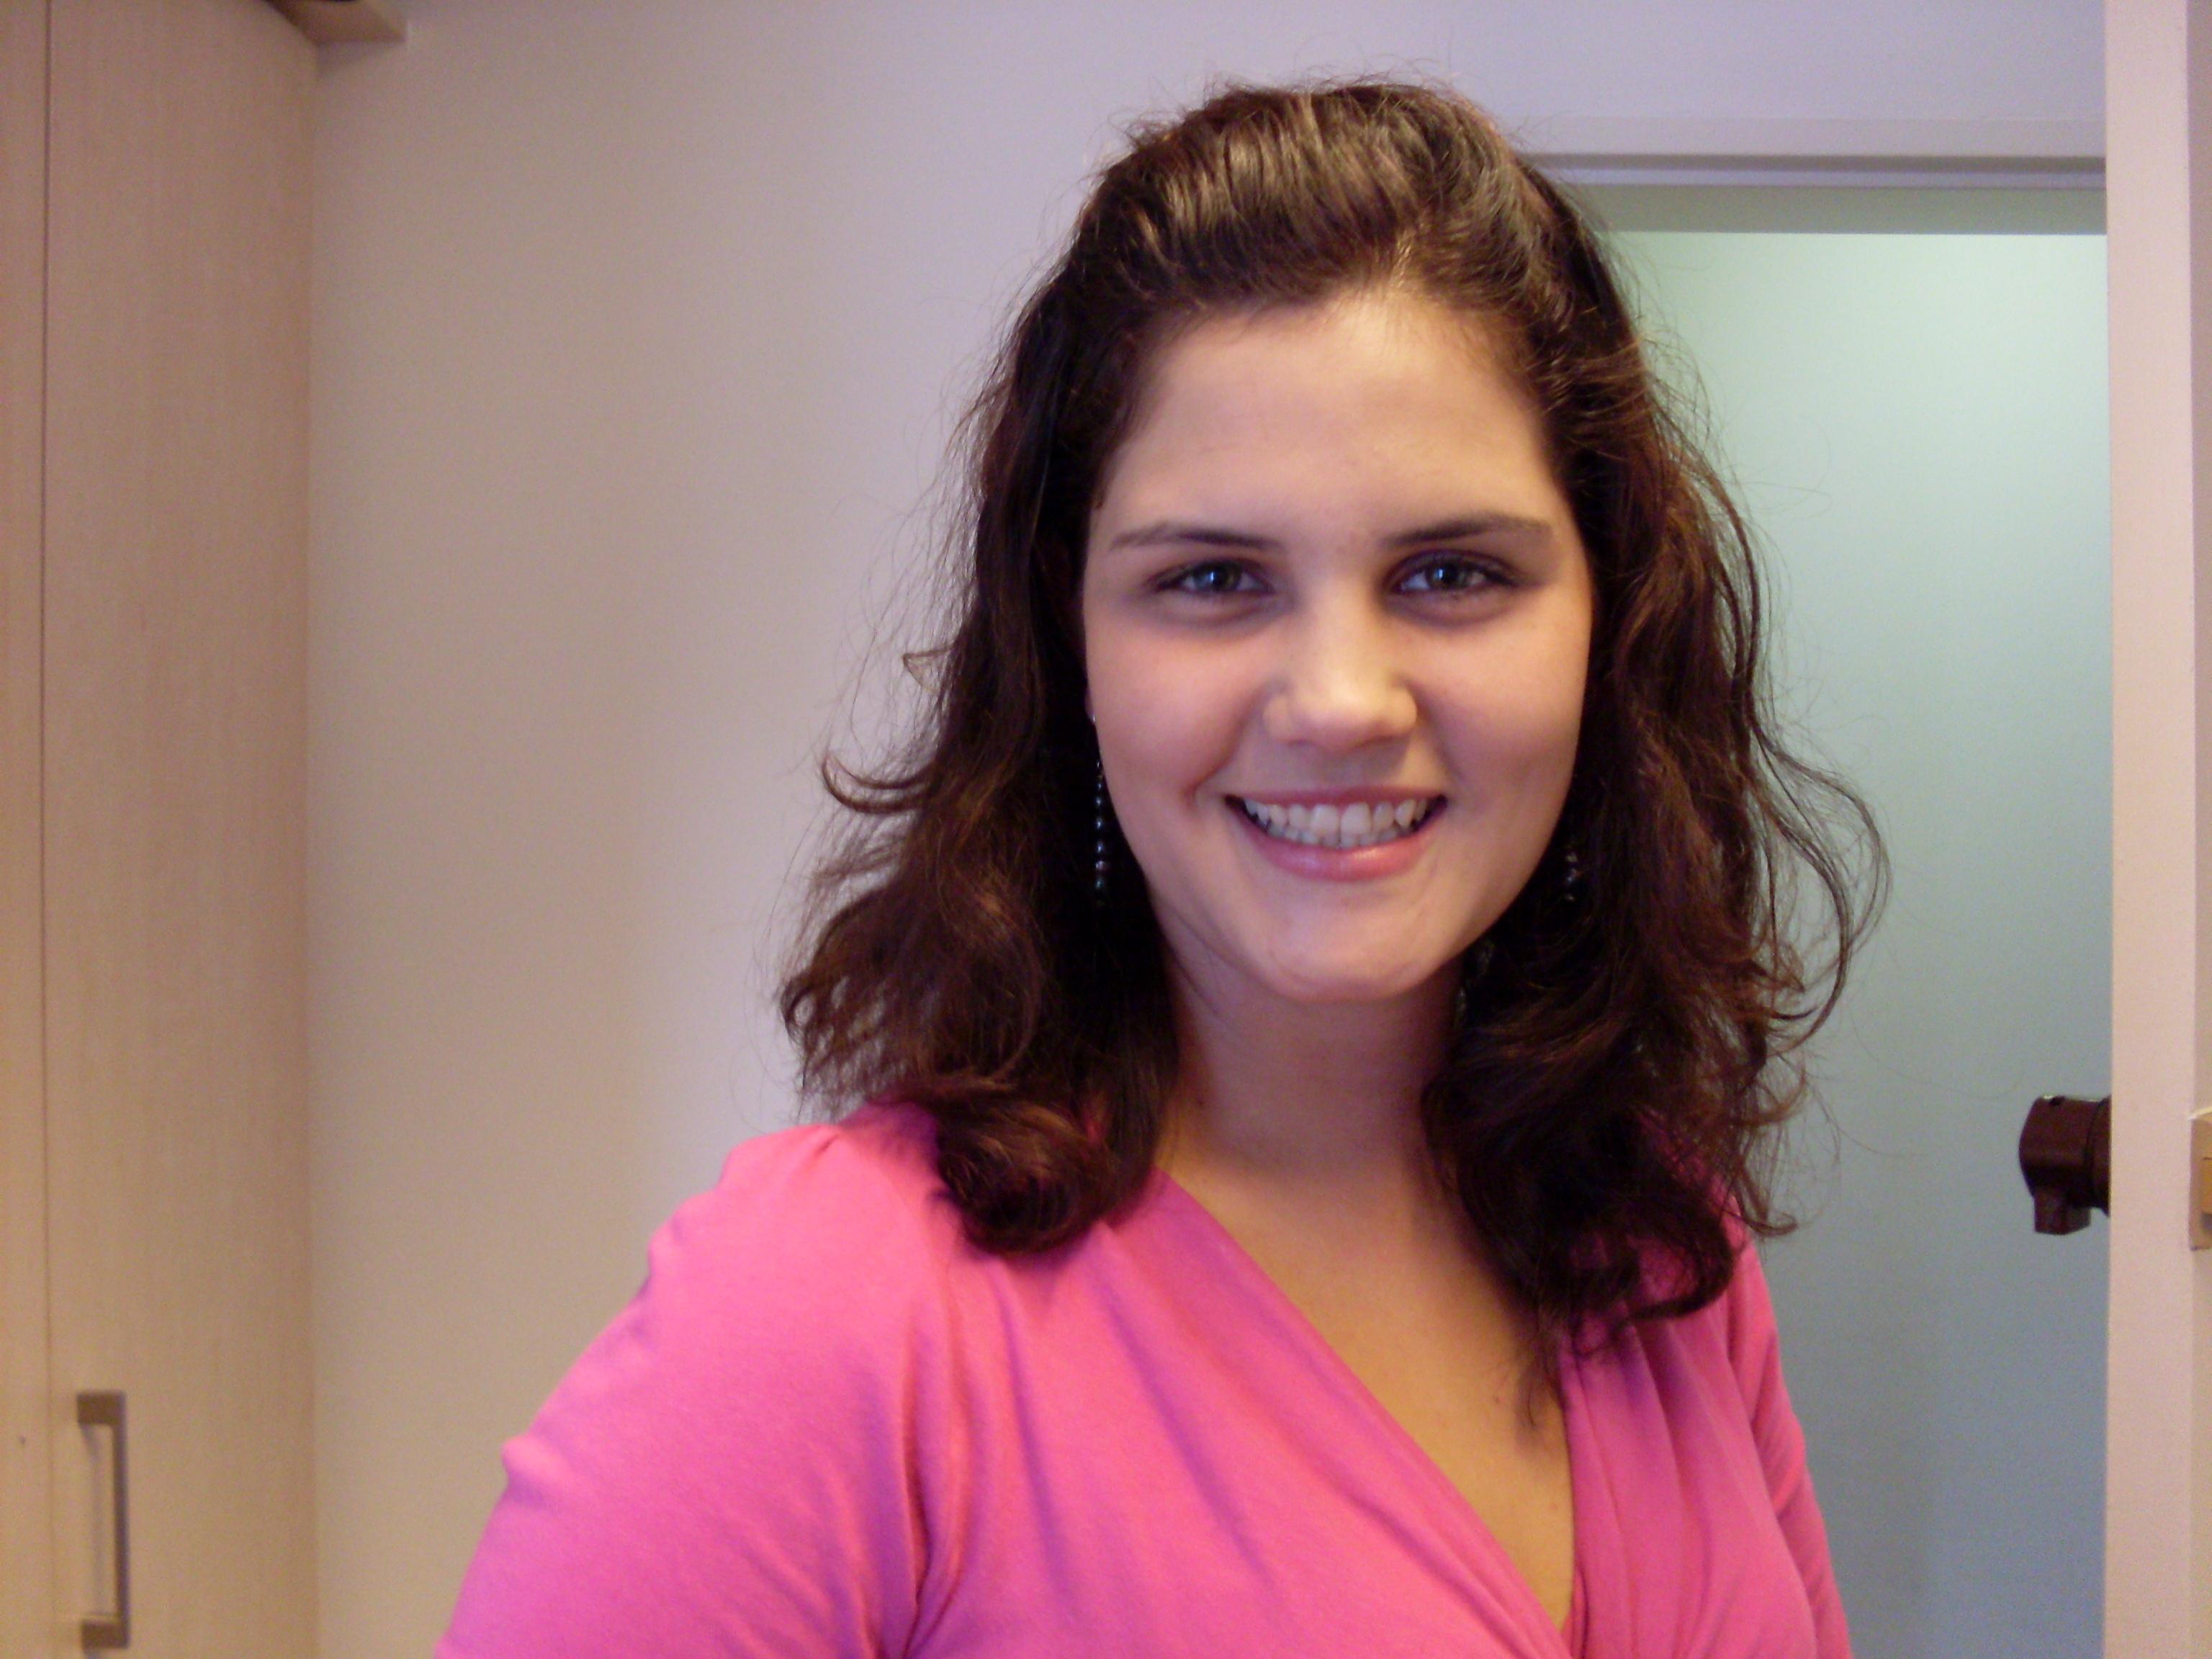 Mariska Smith